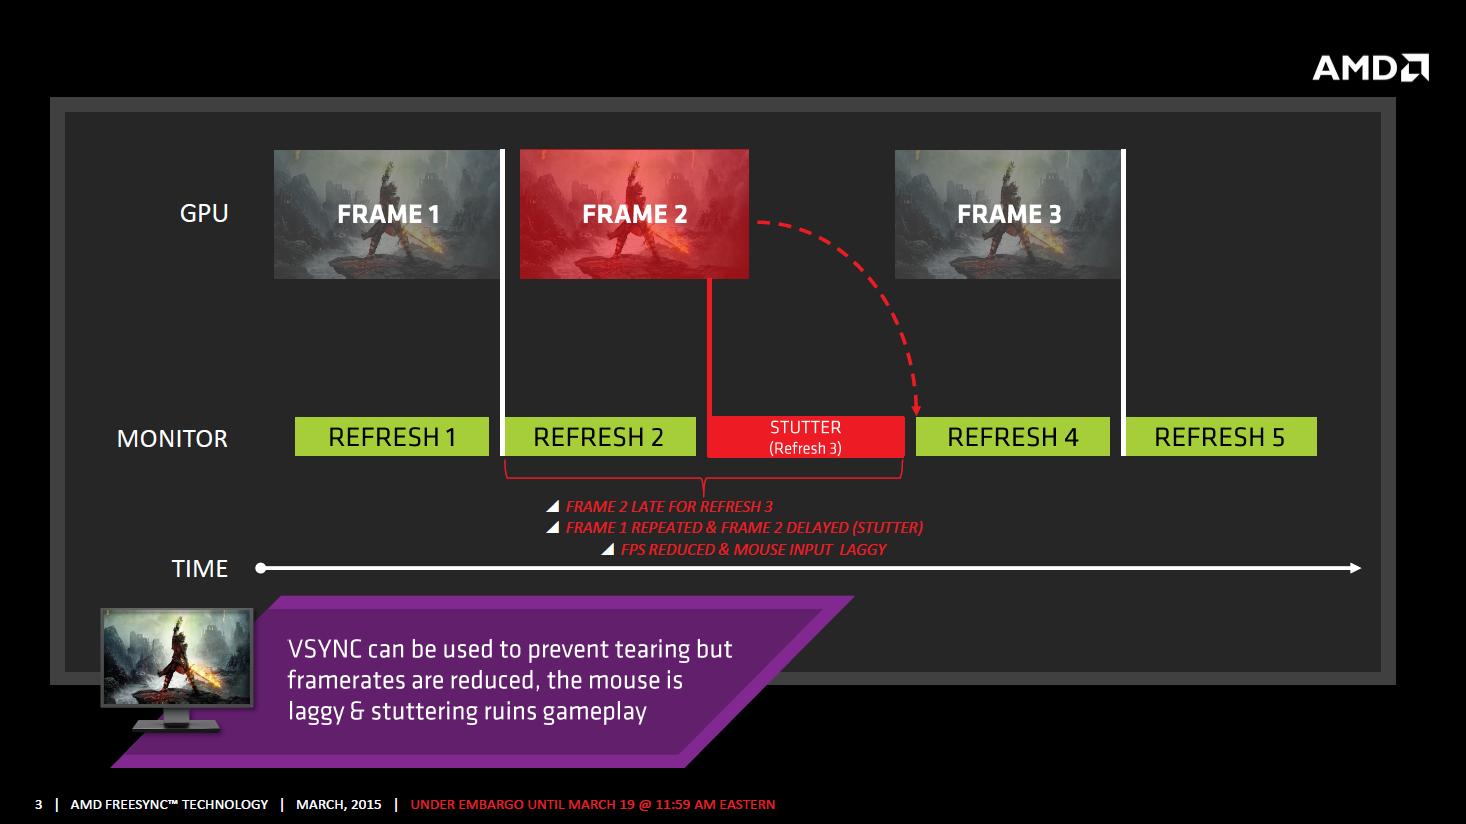 AMD Freesync im Test: Kostenlos im gleichen Takt - Mit Vsync stottert die Bildausgabe, zudem steigt die Eingabelatenz. (Bild: AMD)